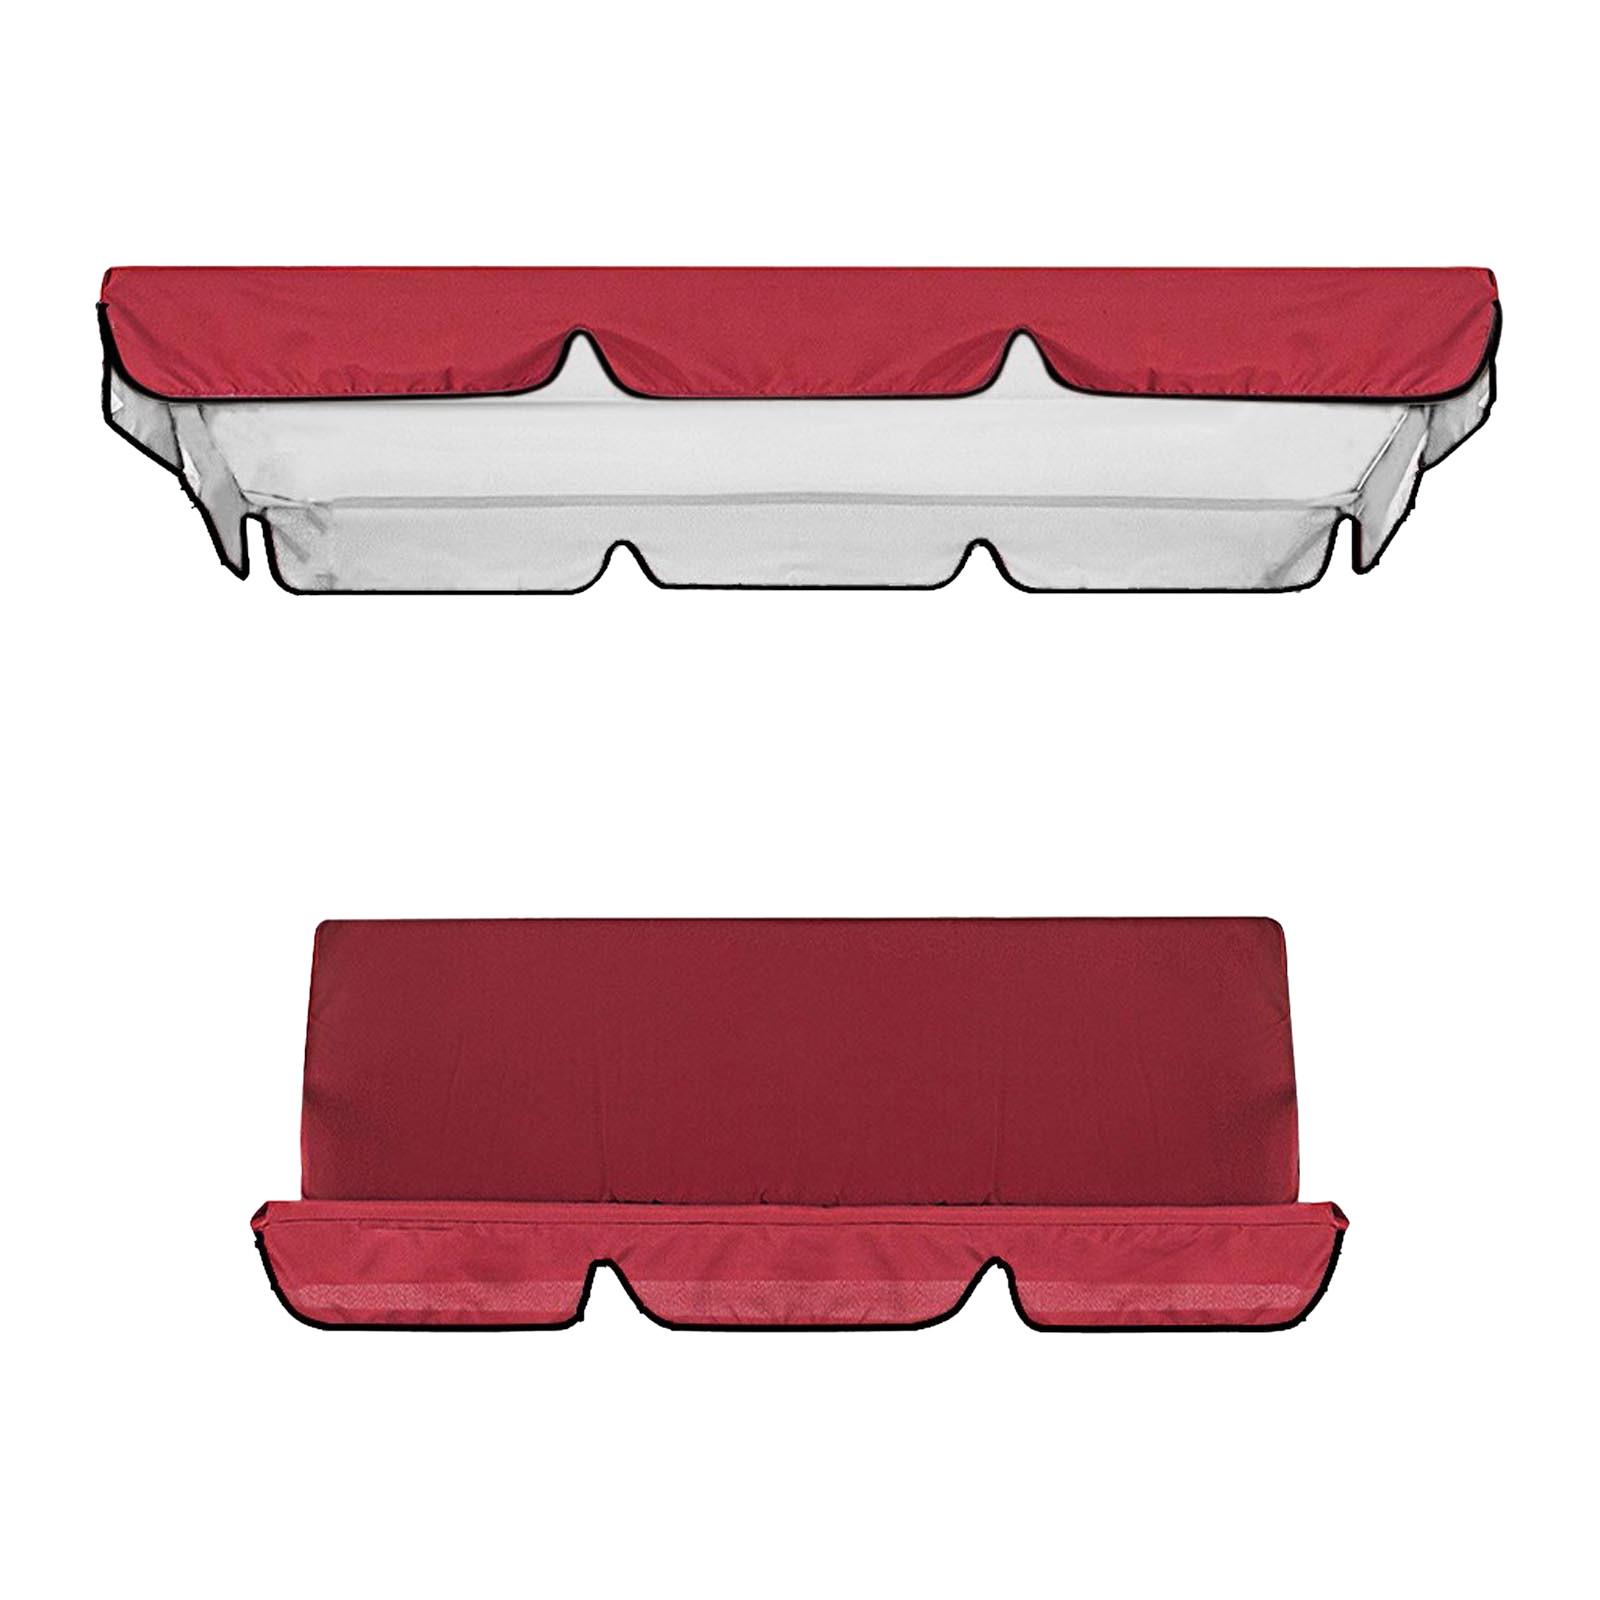 miniatura 7 - Sostituzione della copertura della sedia a dondolo da esterno per patio,